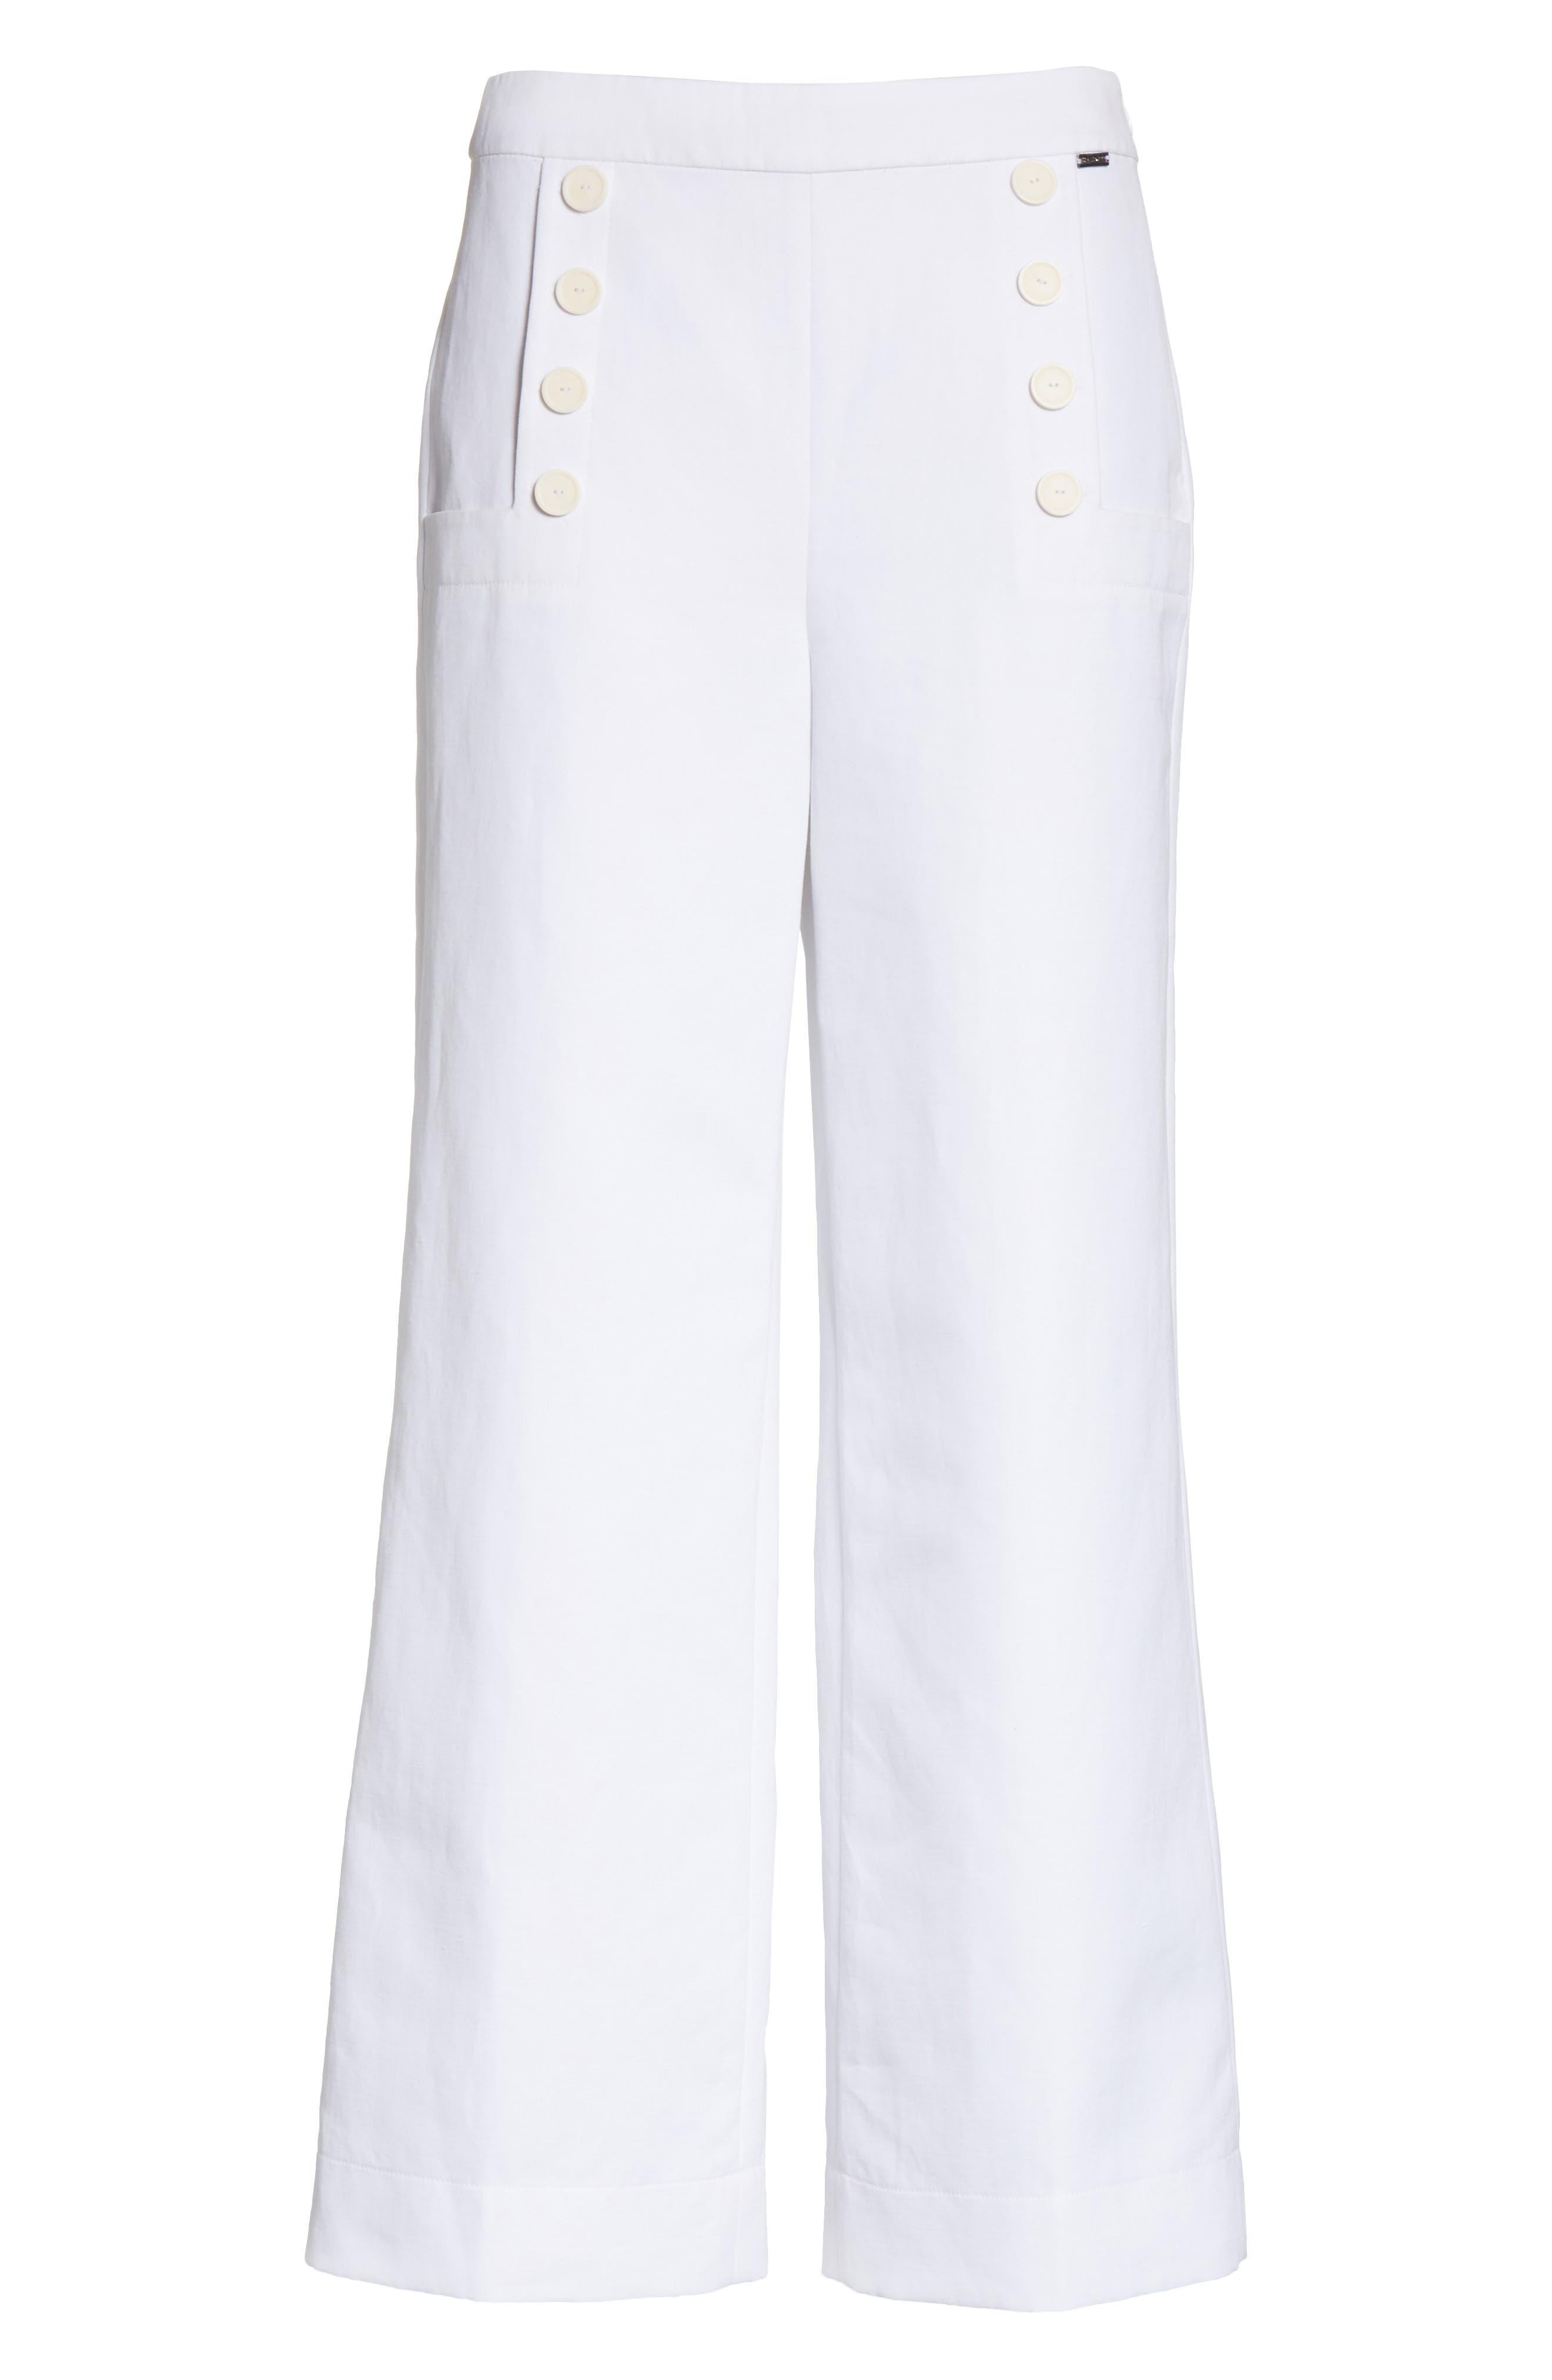 Cotton & Linen Crop Wide Leg Pants,                             Alternate thumbnail 7, color,                             Bianco